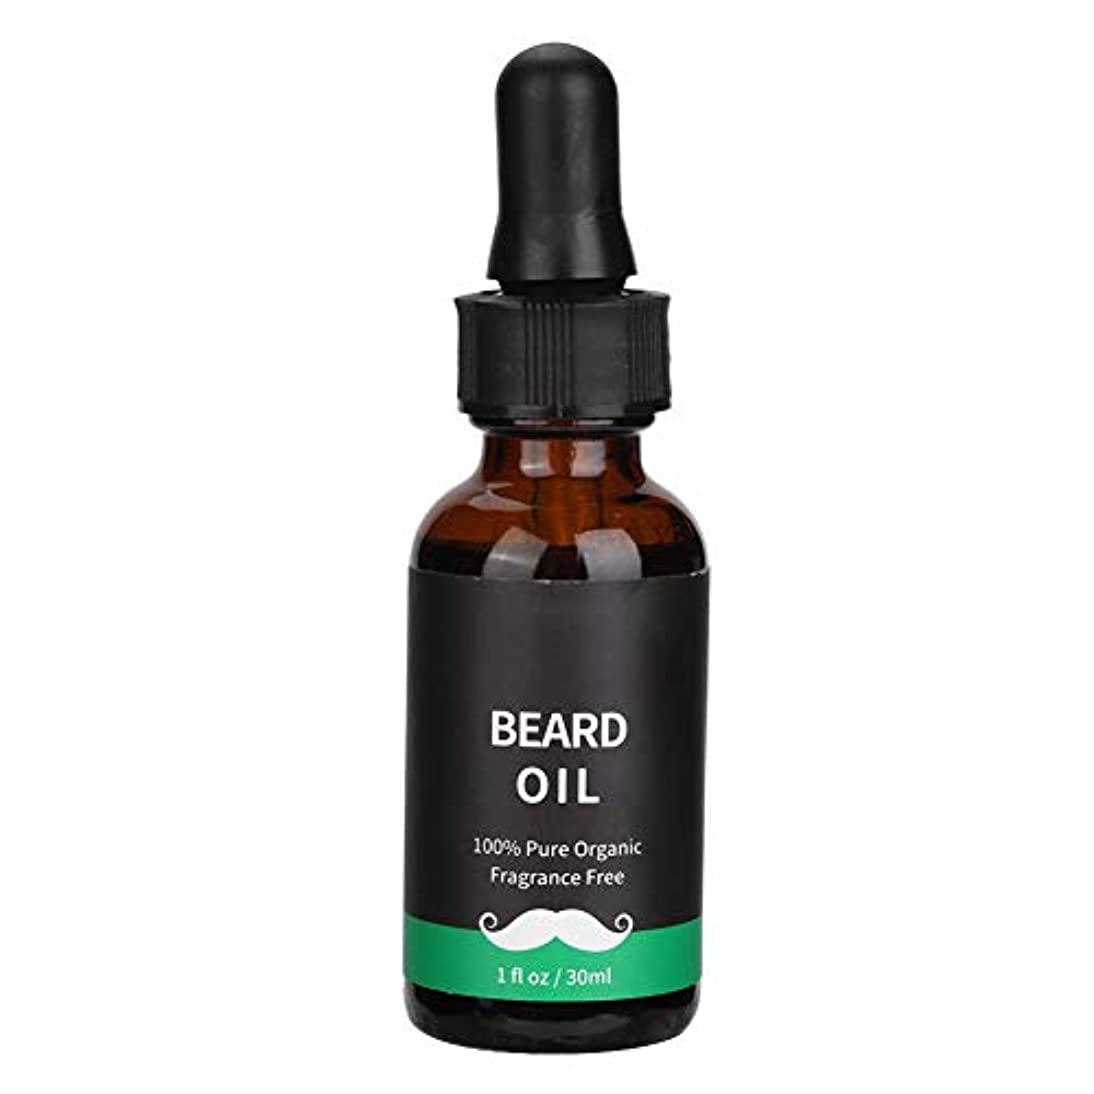 男性のためのあごひげ成長油、天然液体男性あごひげヒゲ成長ケアオイルバーム(30ML)